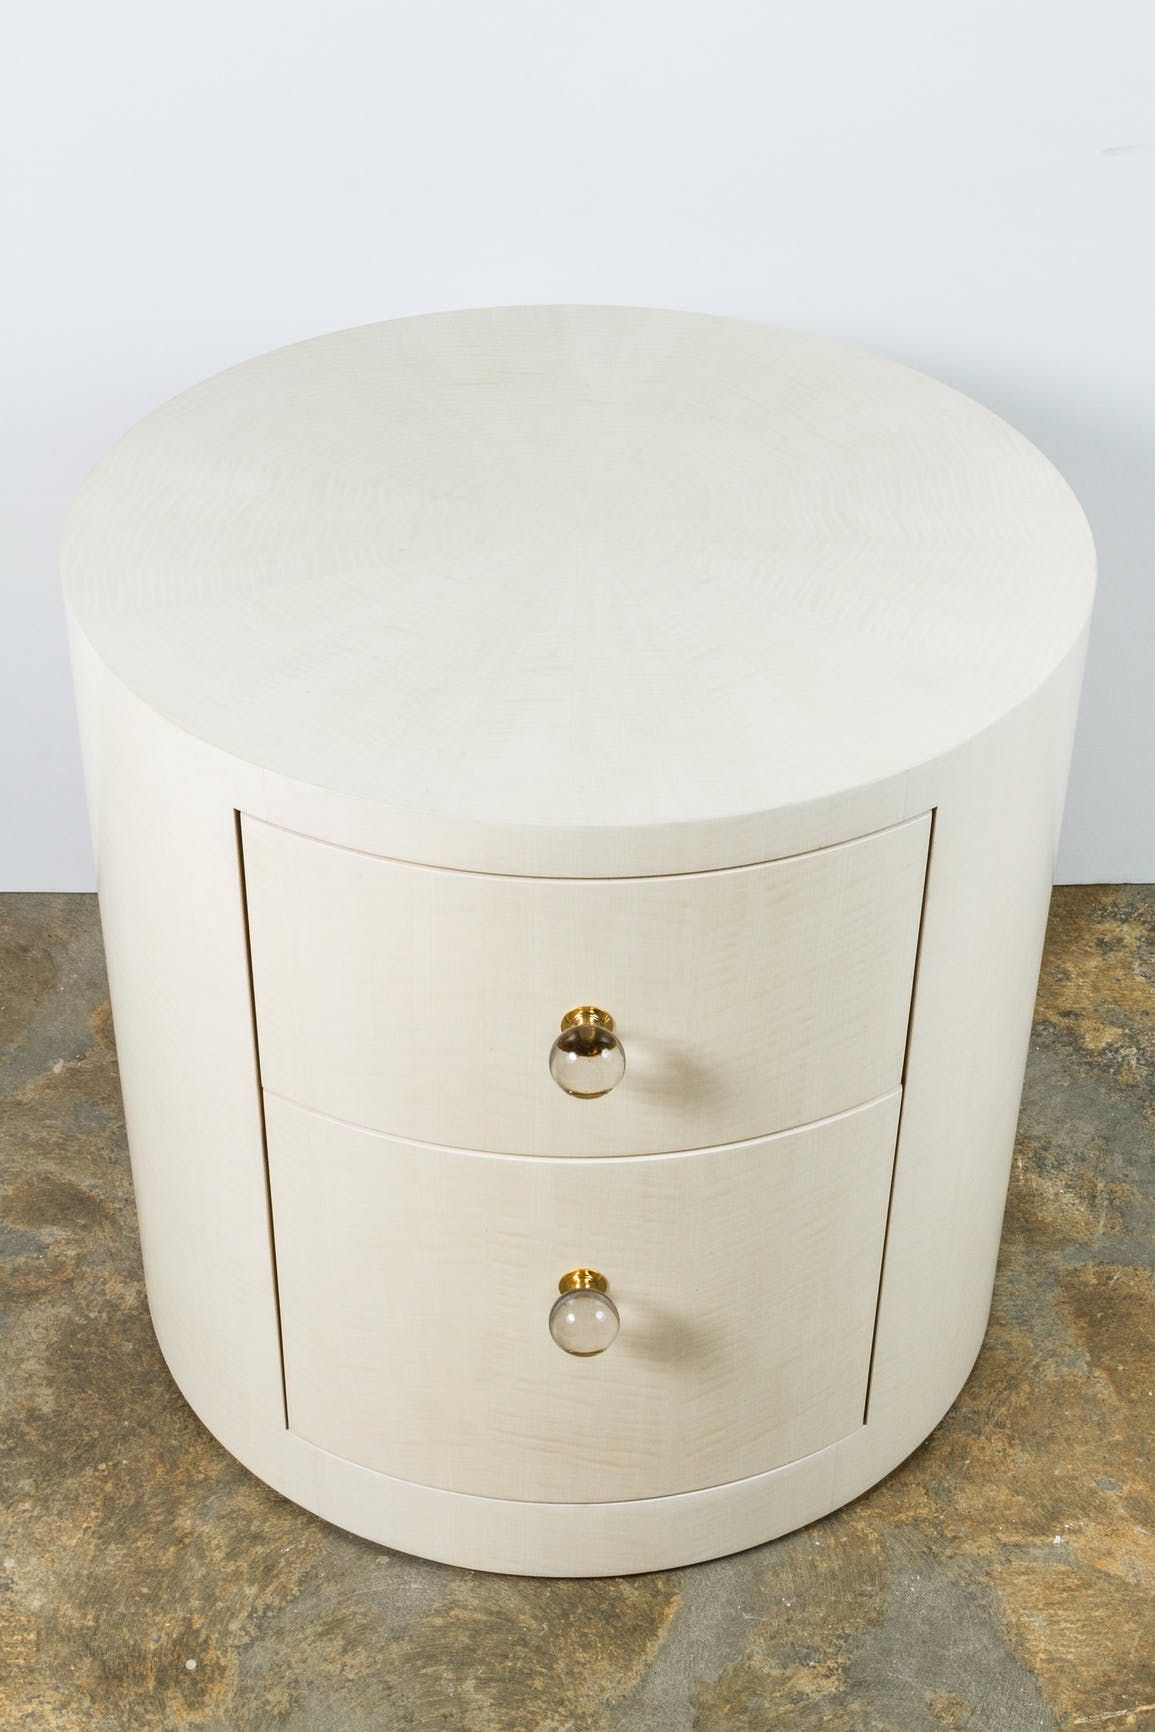 italian inspired 1970s style round nightstand round nightstand